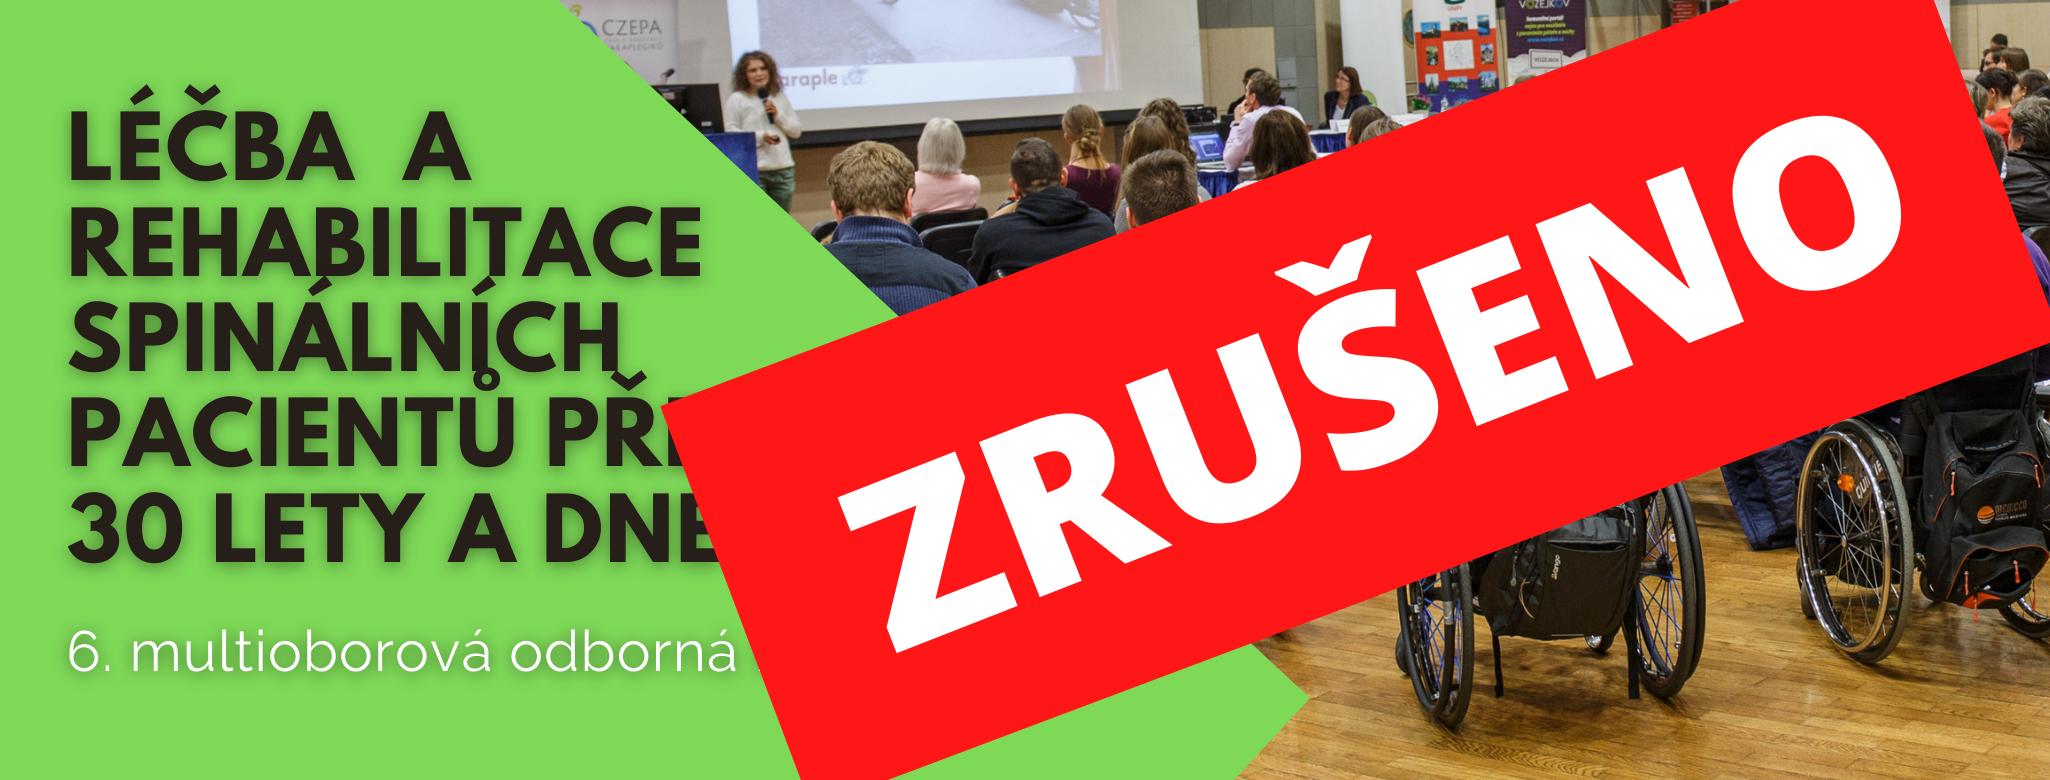 konference_banner_zruseno_1.png